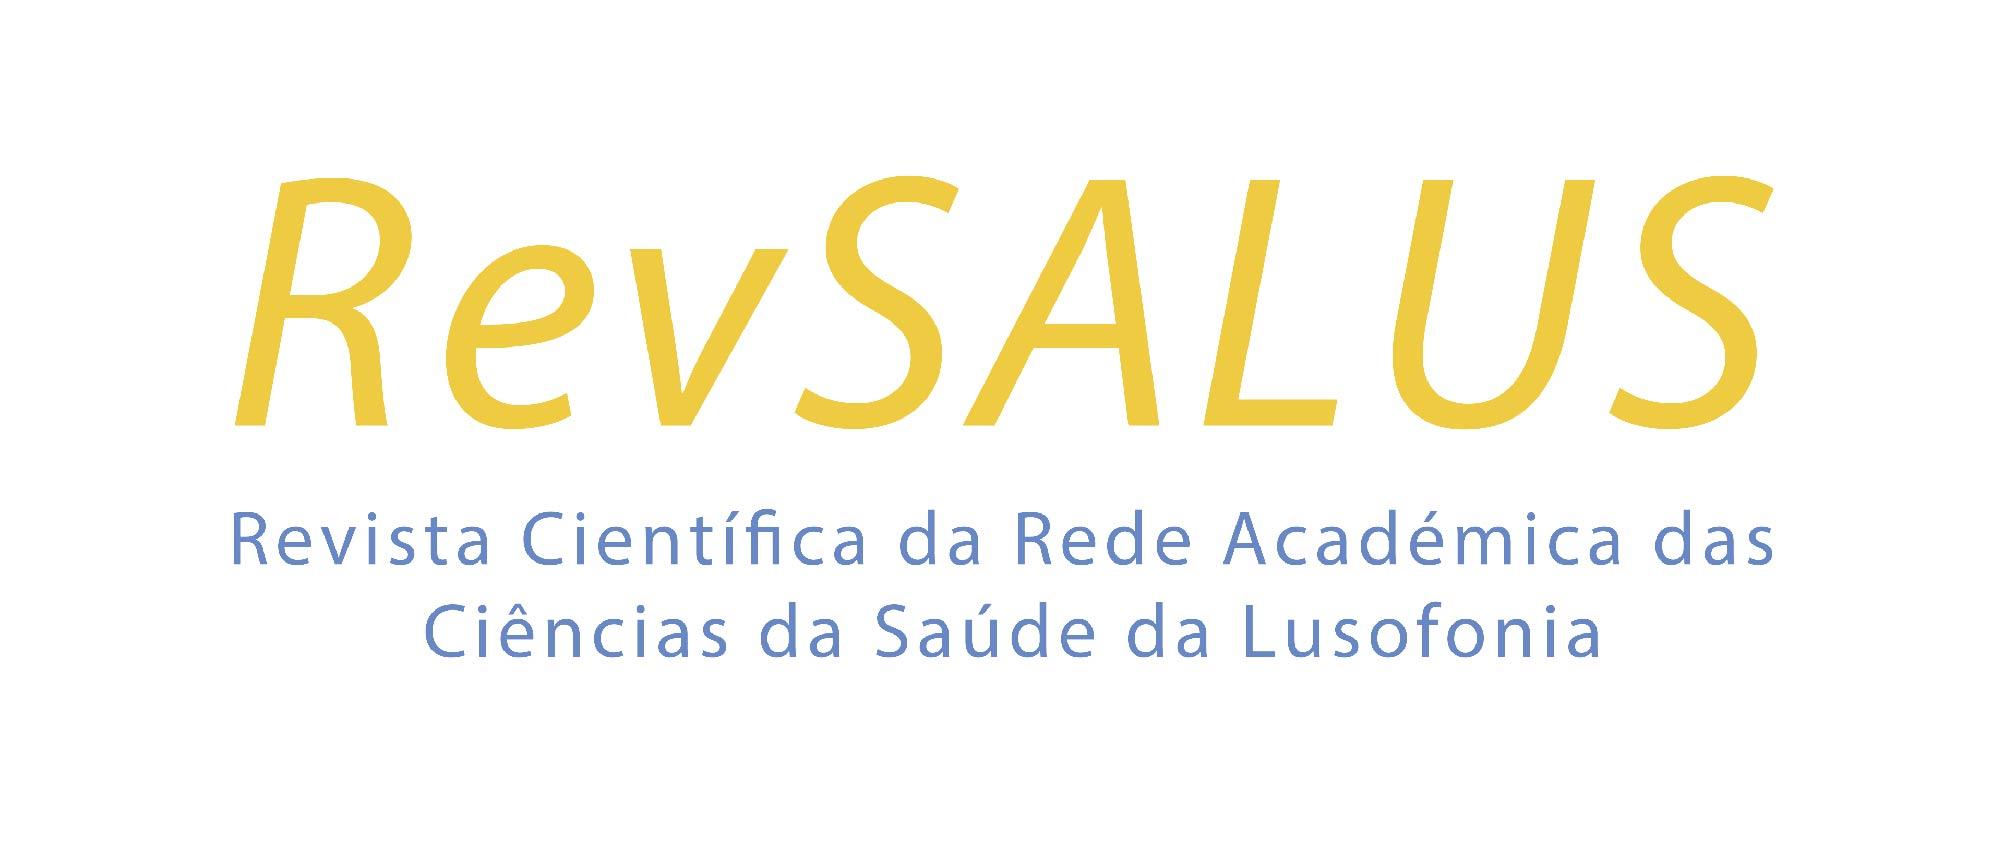 Sessão pública do lançamento da RevSALUS – Revista Científica da RACS